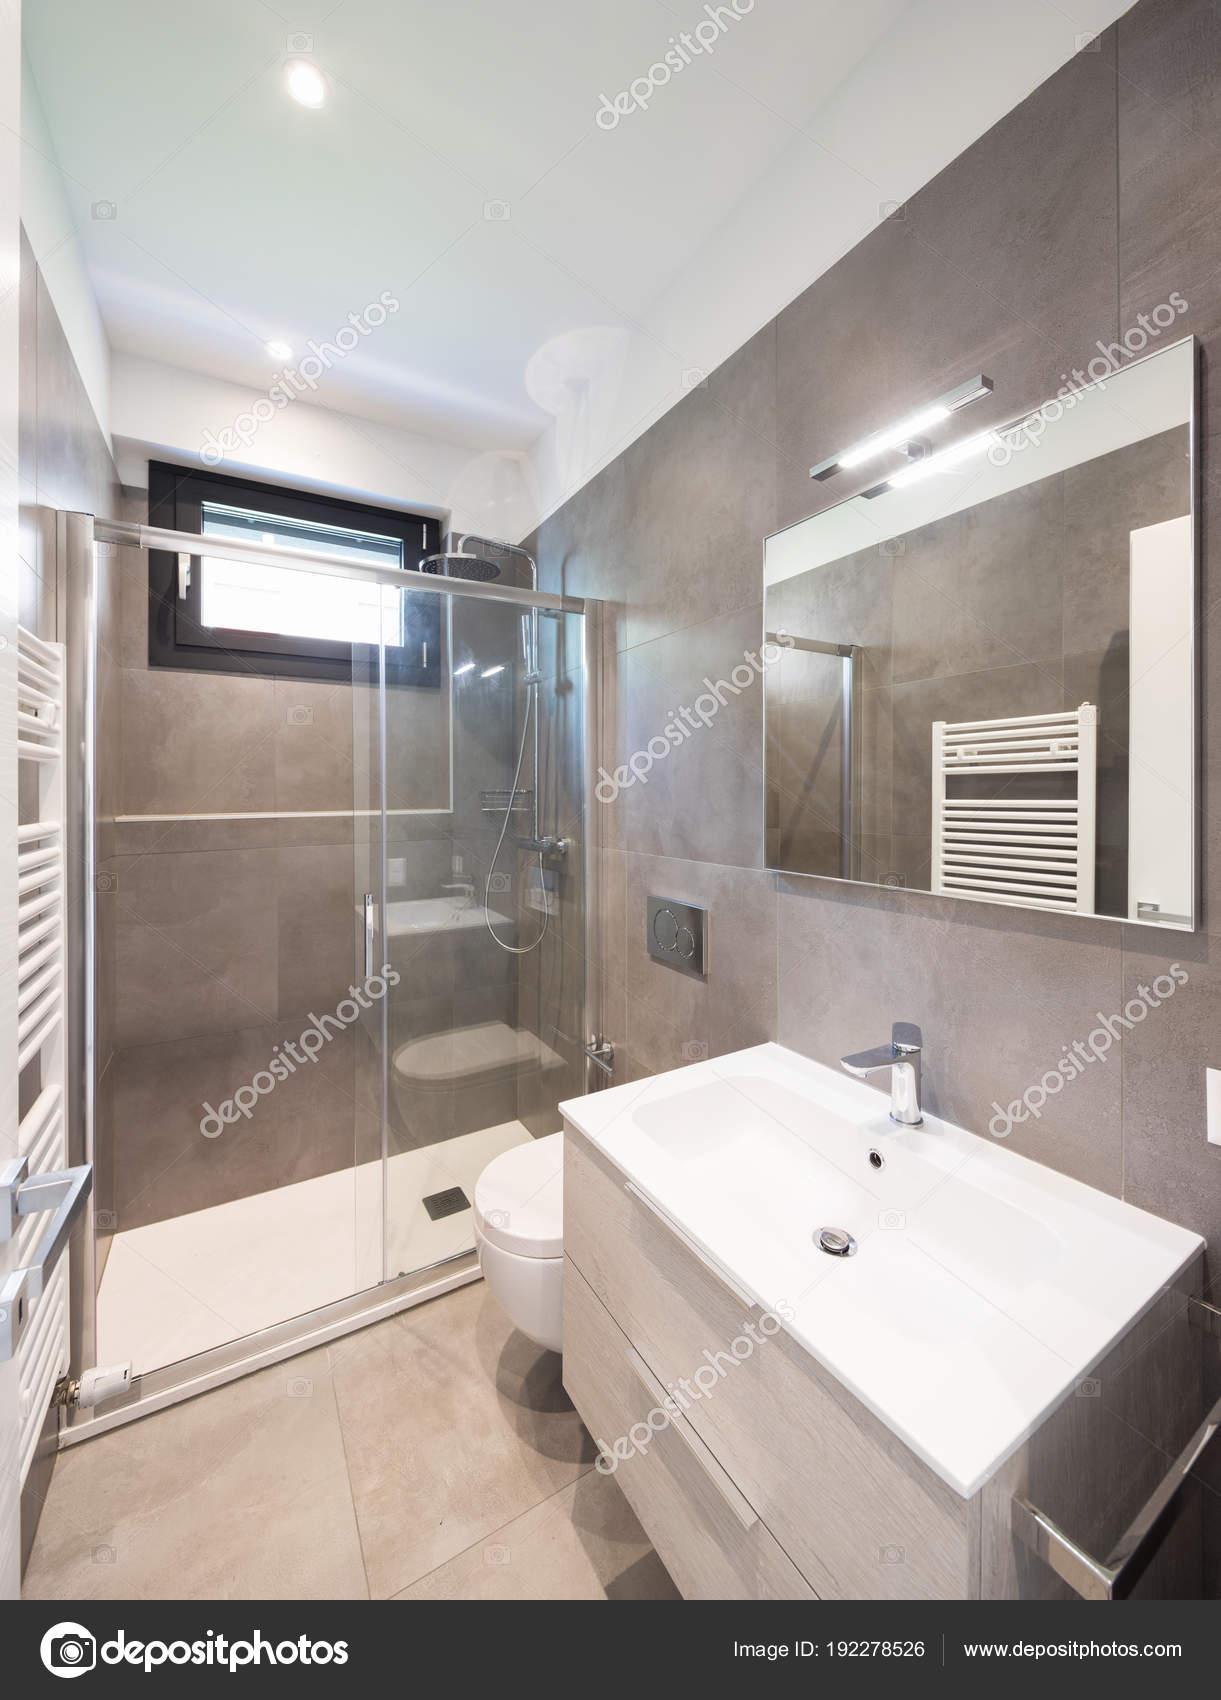 Minimalista moderno cuarto de baño con azulejos grandes ...